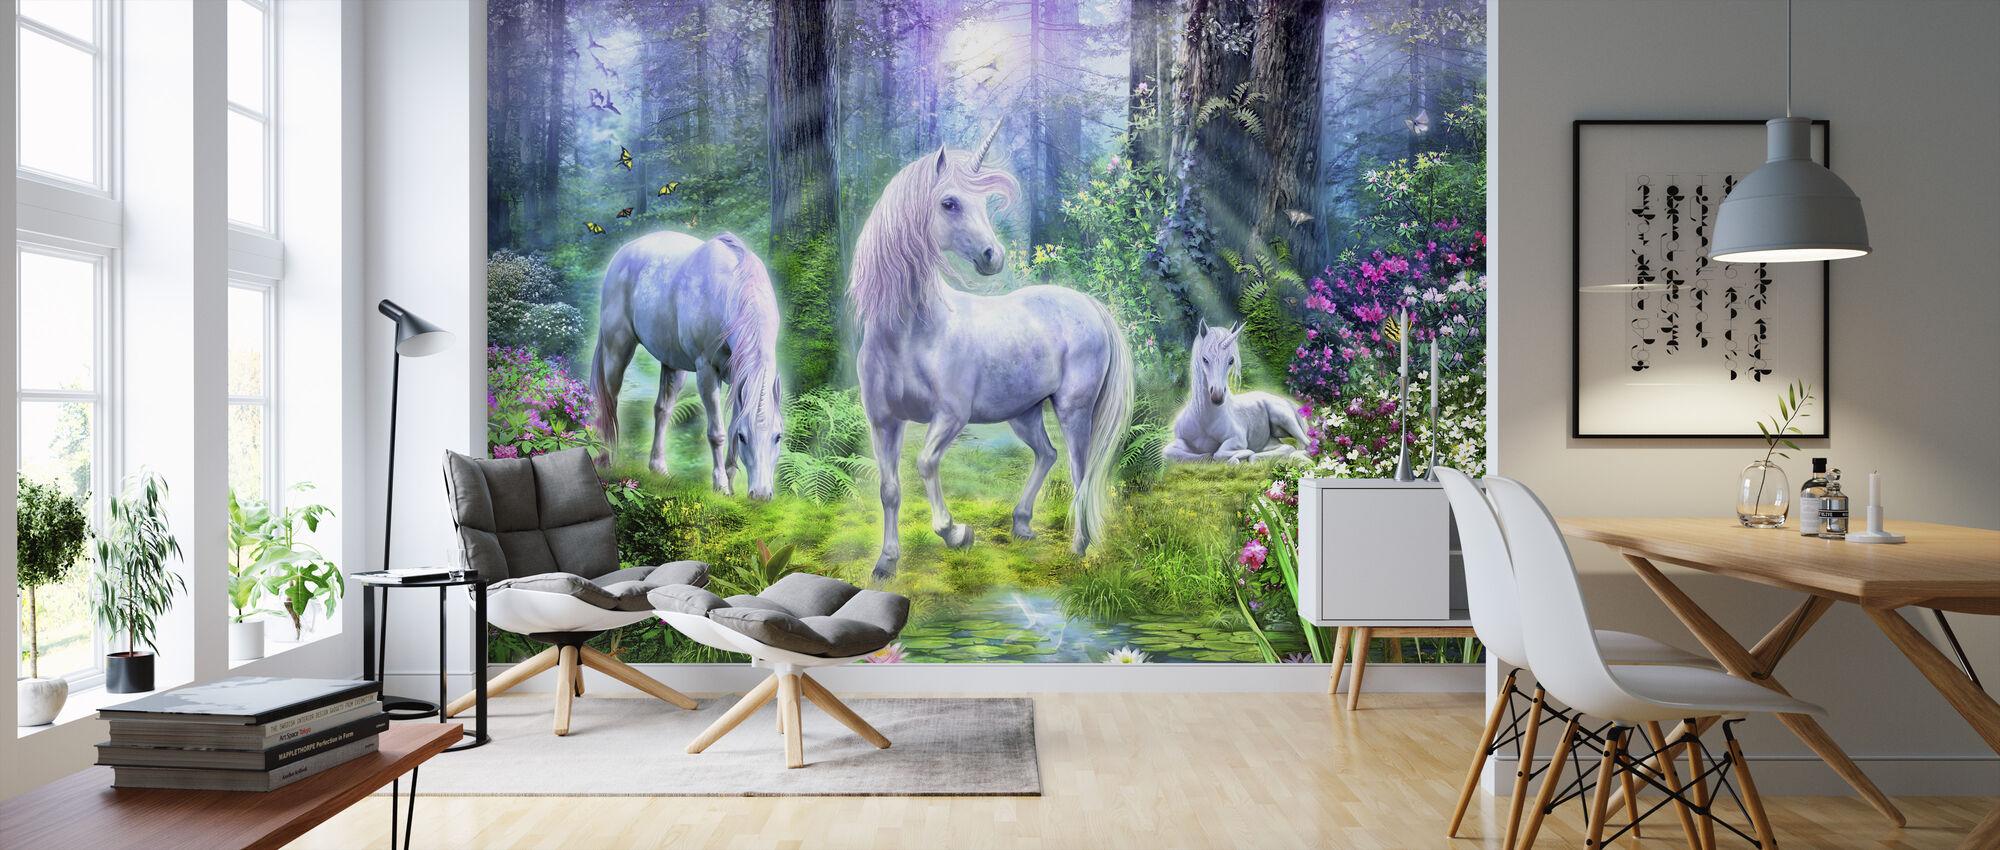 Wald Einhorn Familie - Tapete - Wohnzimmer